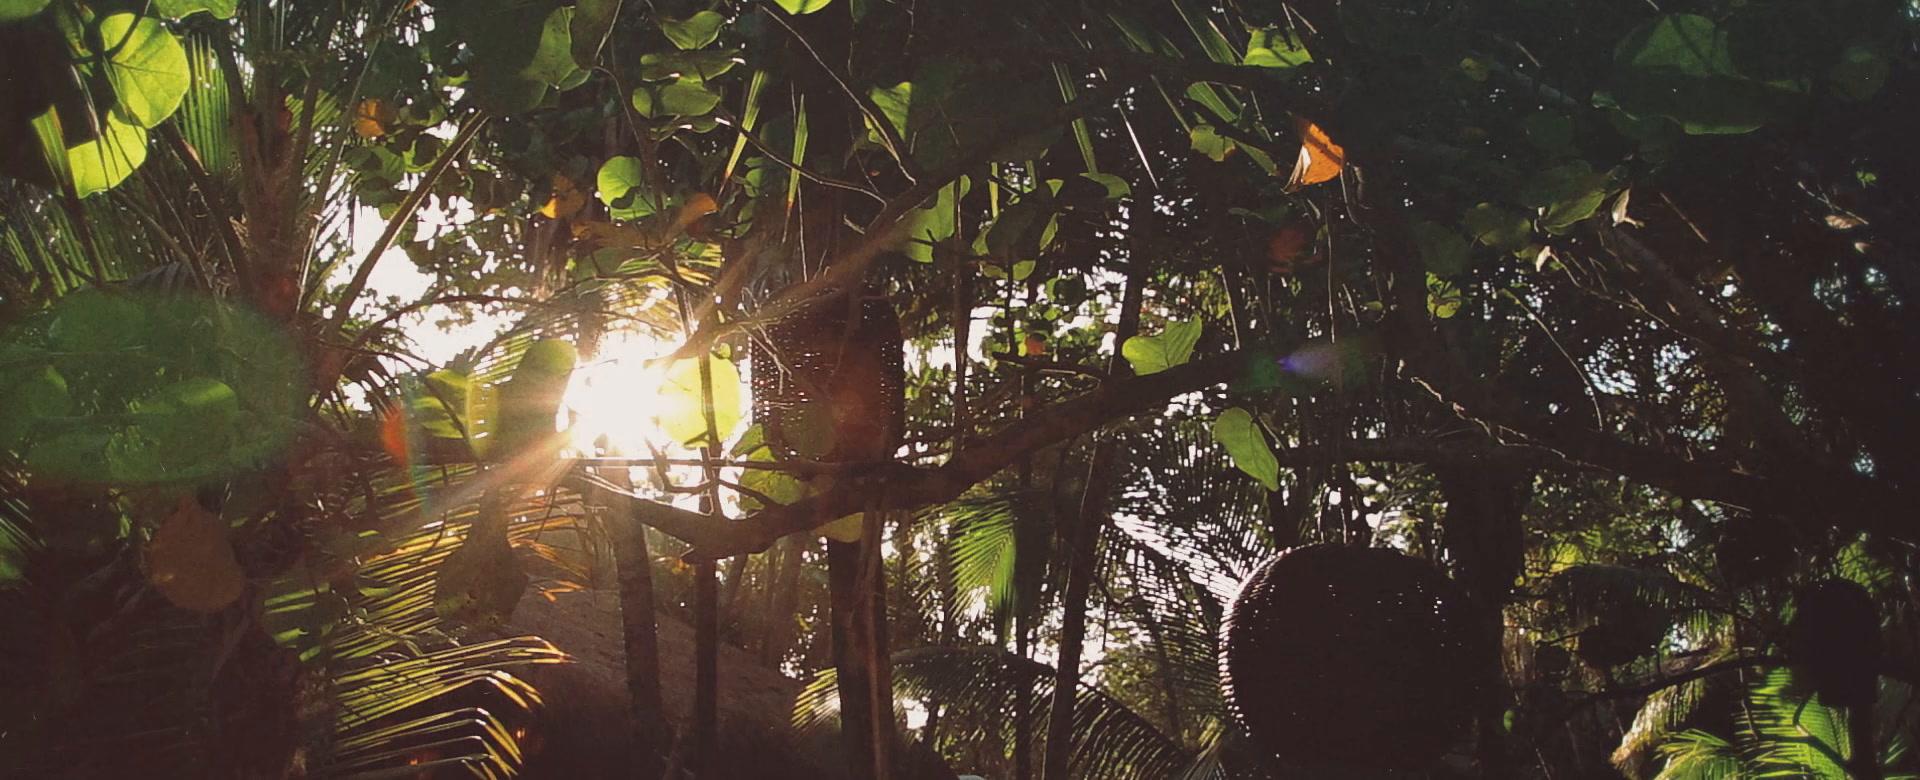 Arien + Diego | Tulum, Mexico | Akiin Beach Club